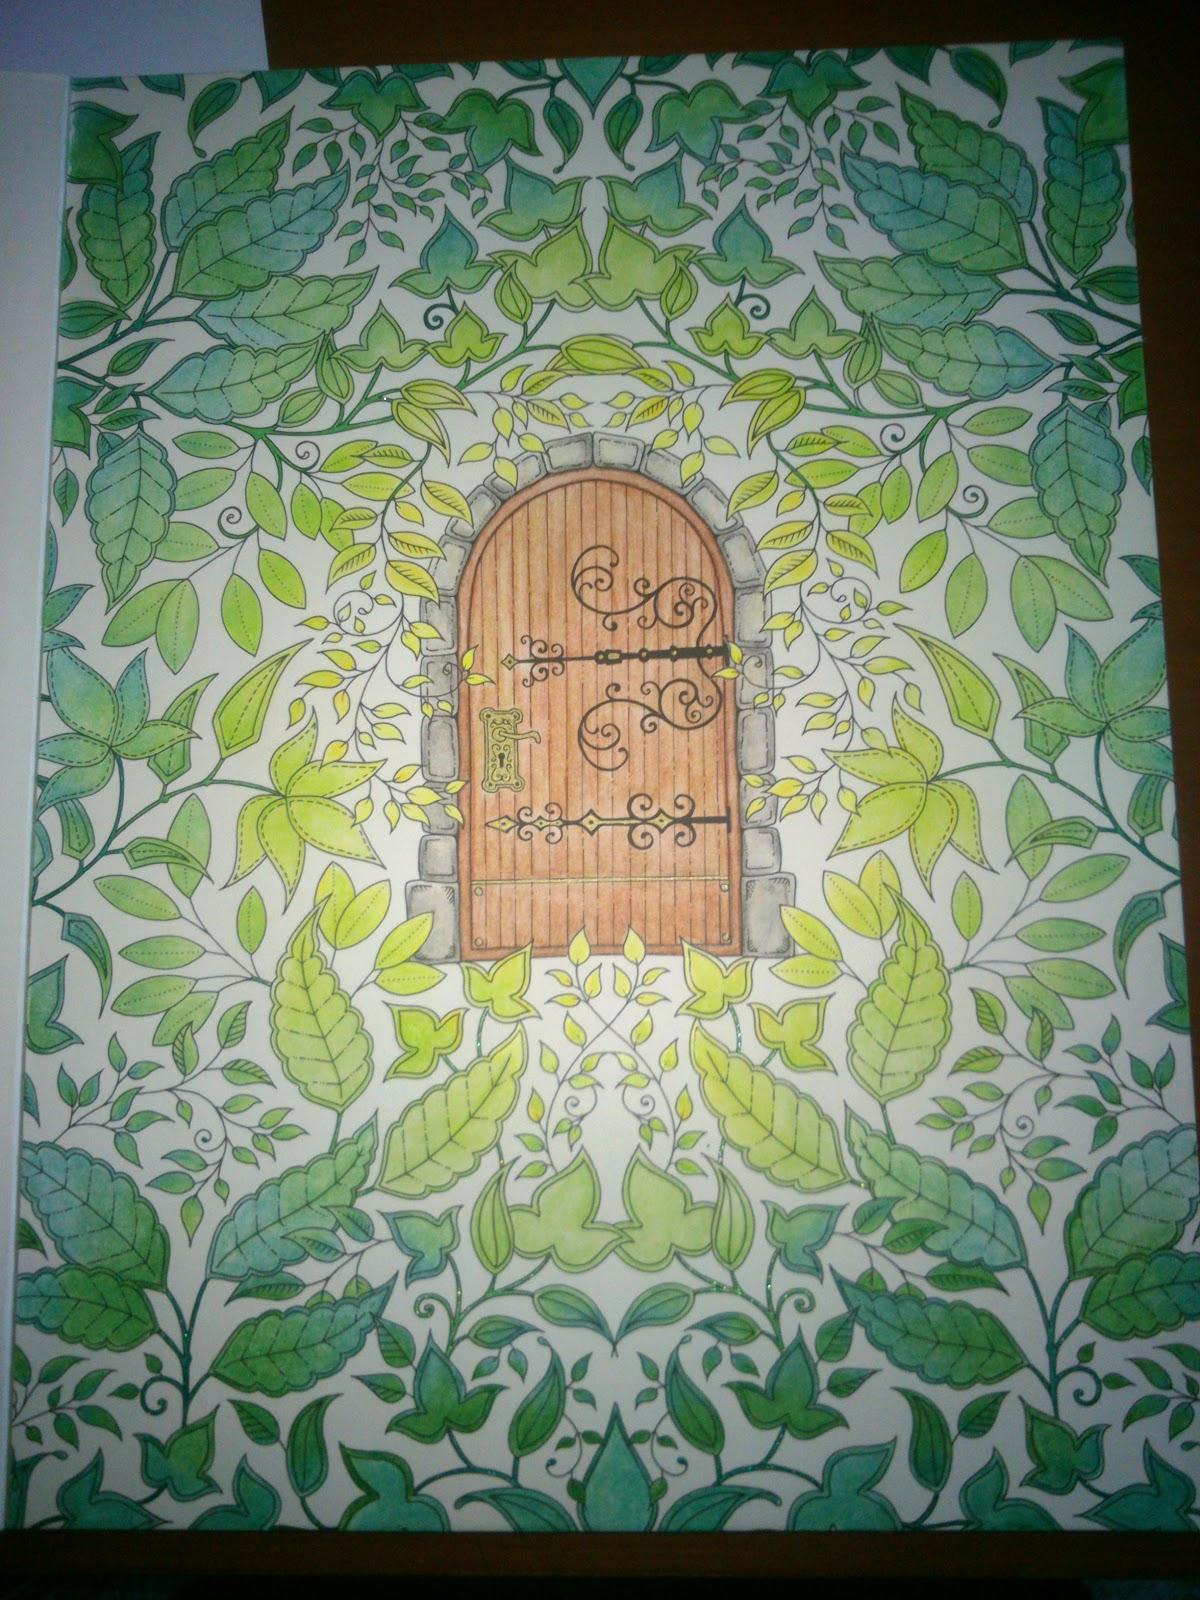 Perfectsweetcolors mijn geheime tuin speciale editie for De geheime tuin boek